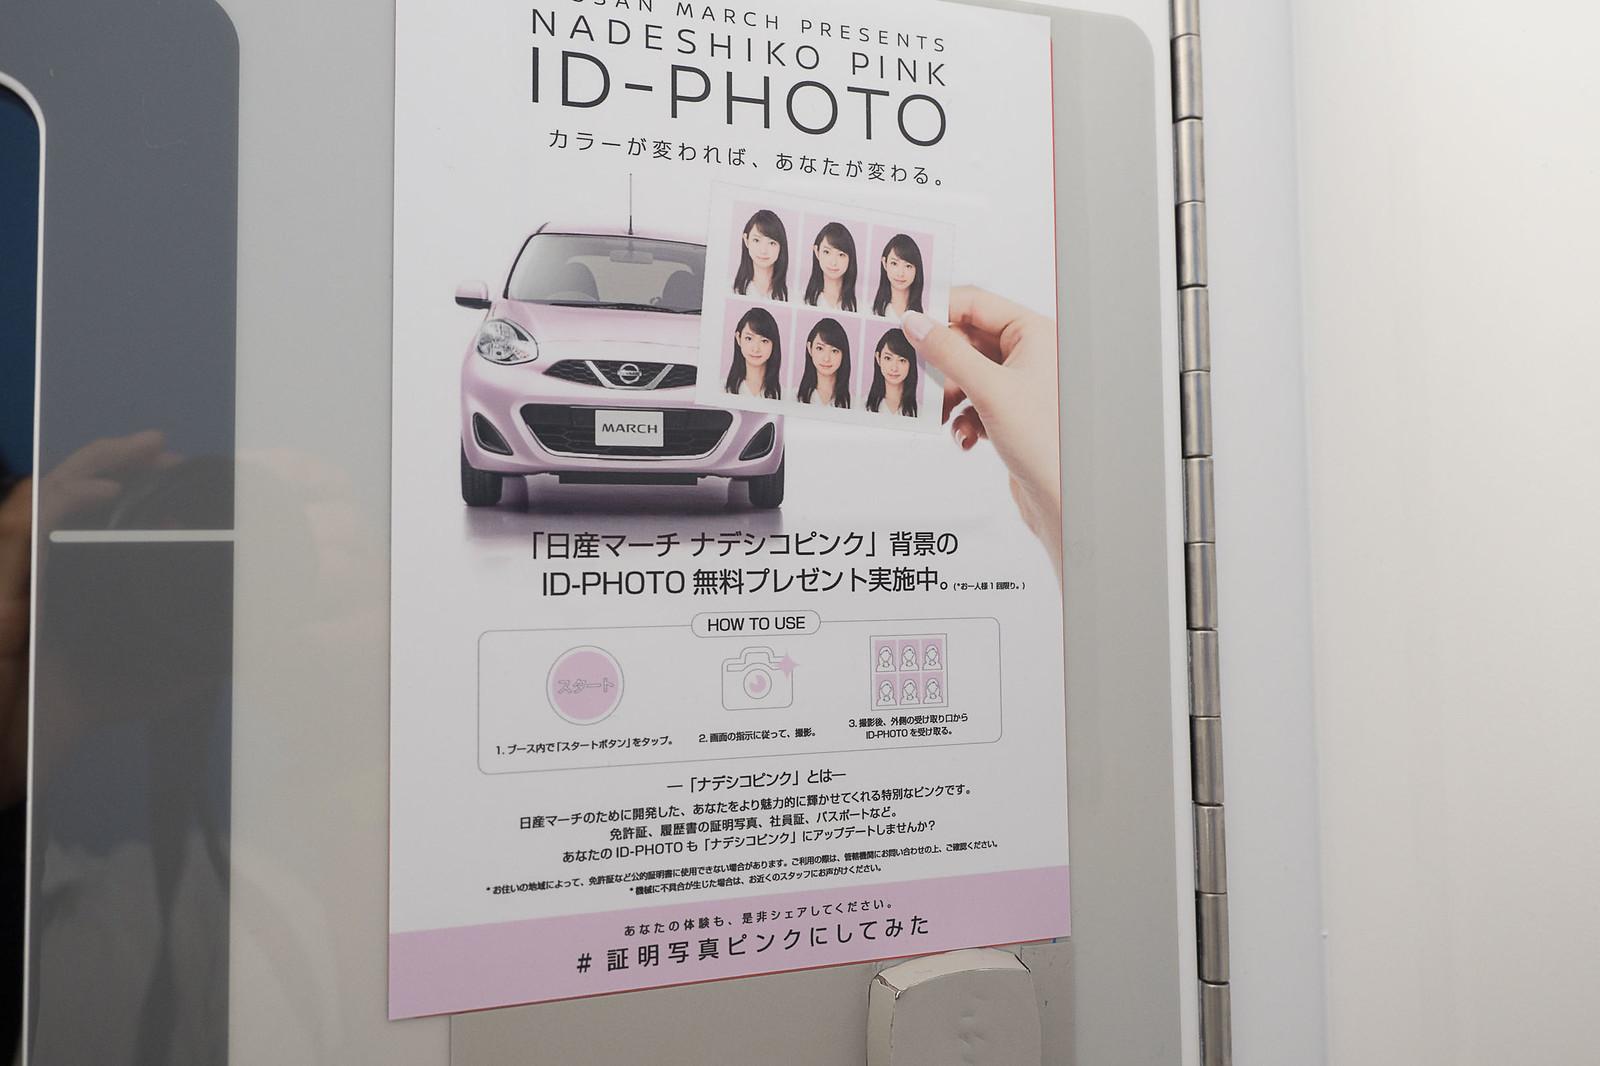 Nissan_nadeshiko_pink-8